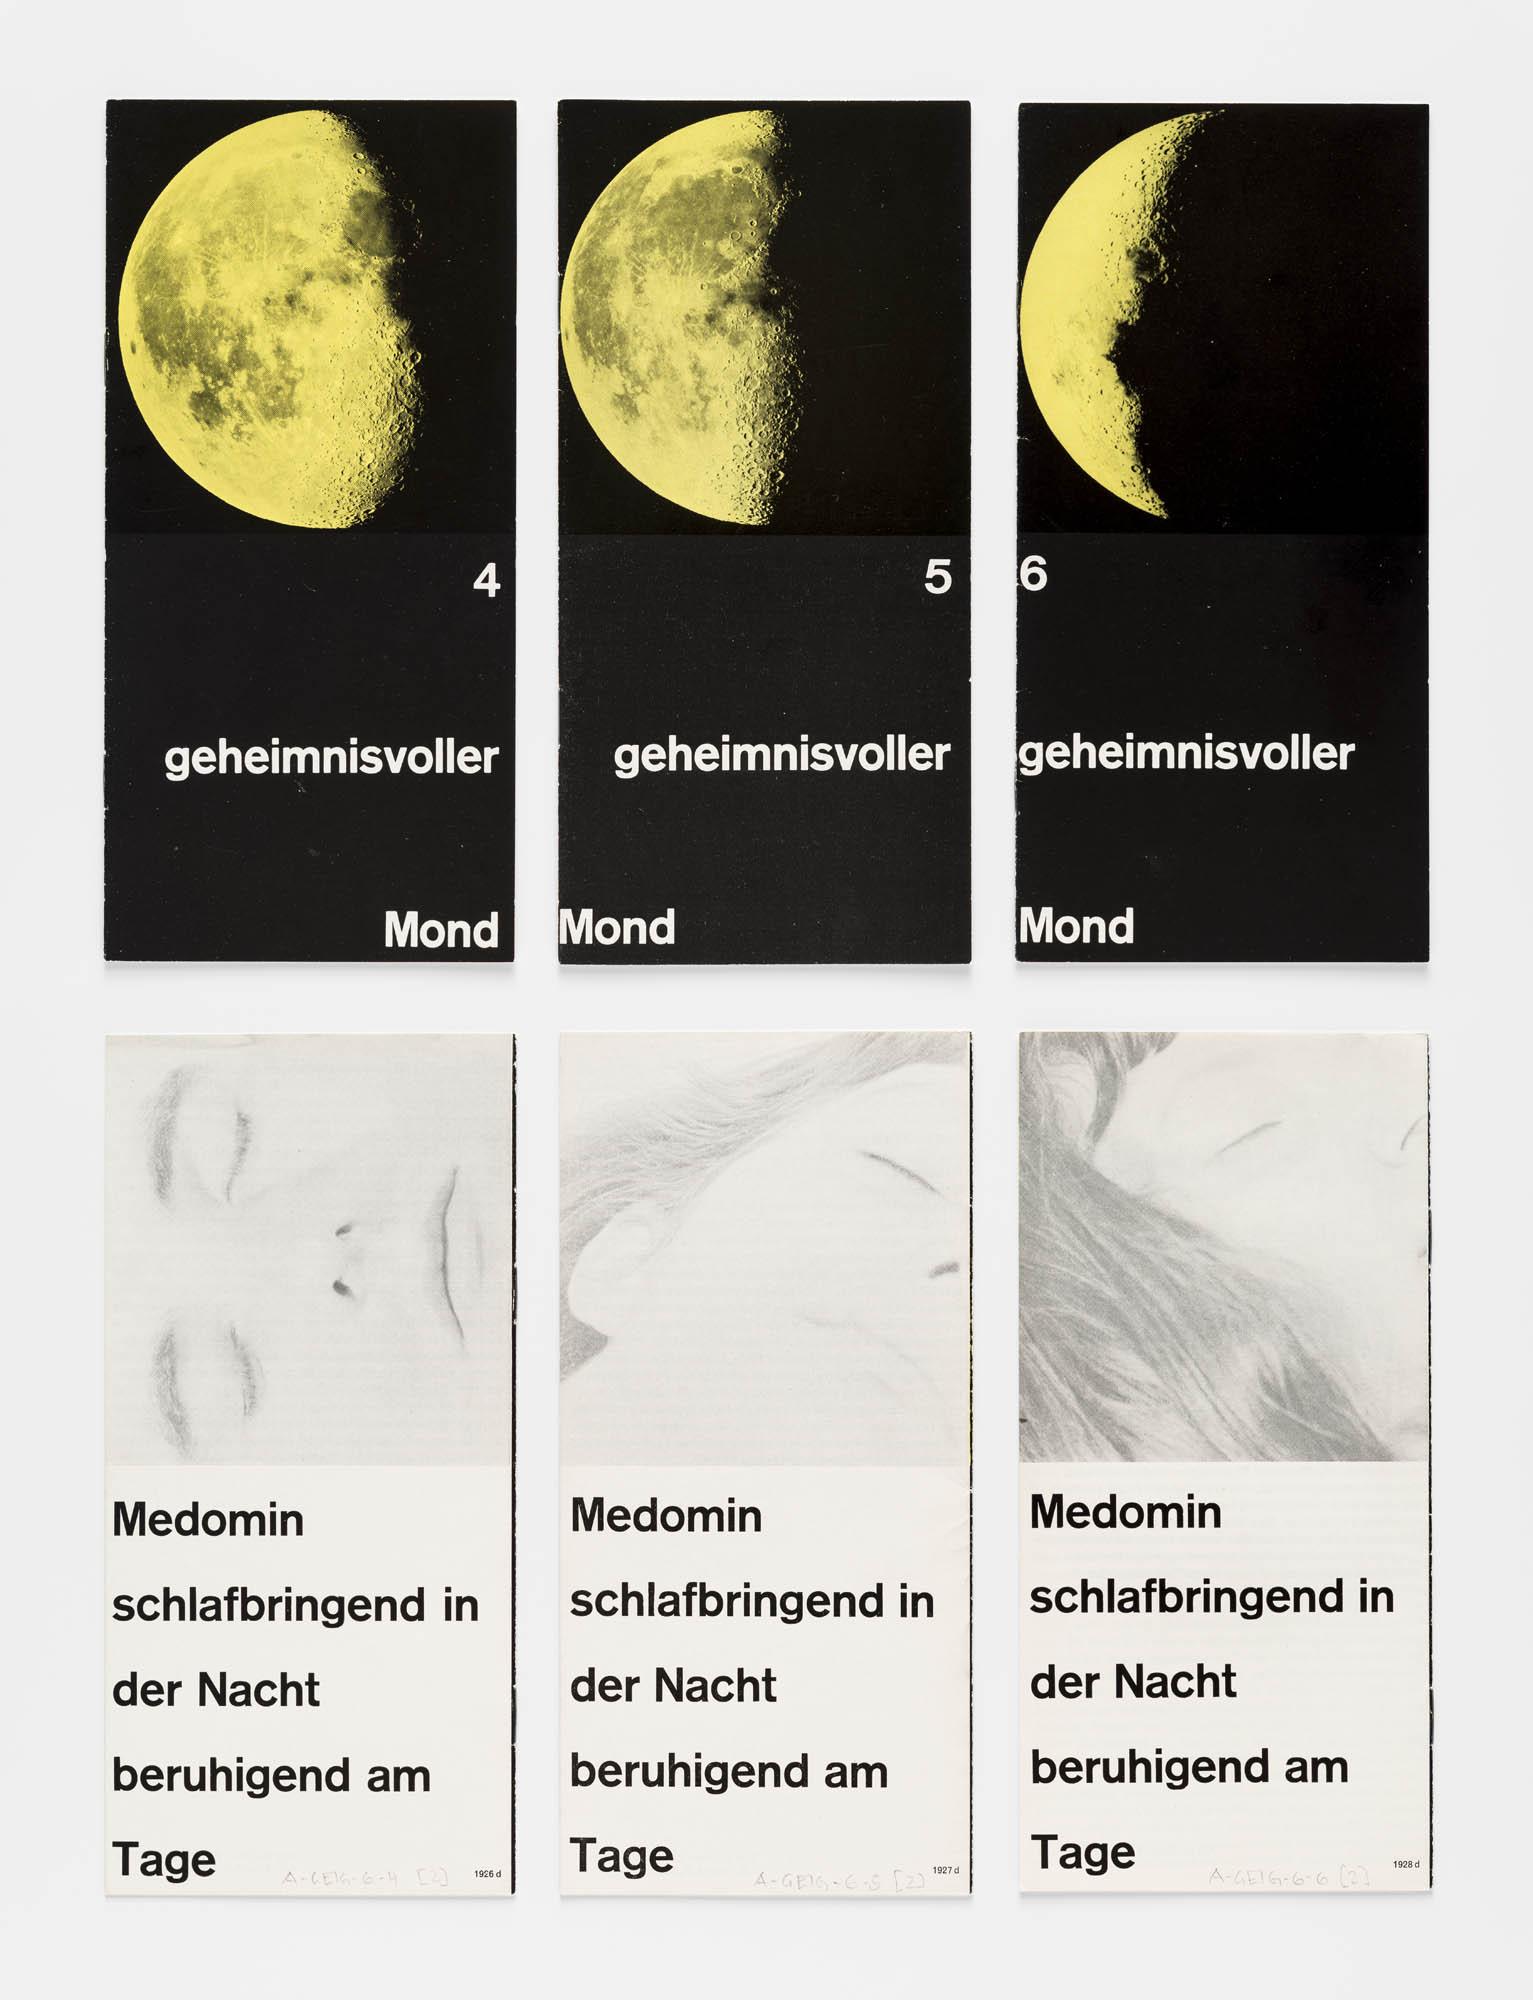 Geheimnisvoller Mond 1 – Medomin schlafbringend in der Nacht beruhigend am Tag Gérard Ifert Werbebroschüre